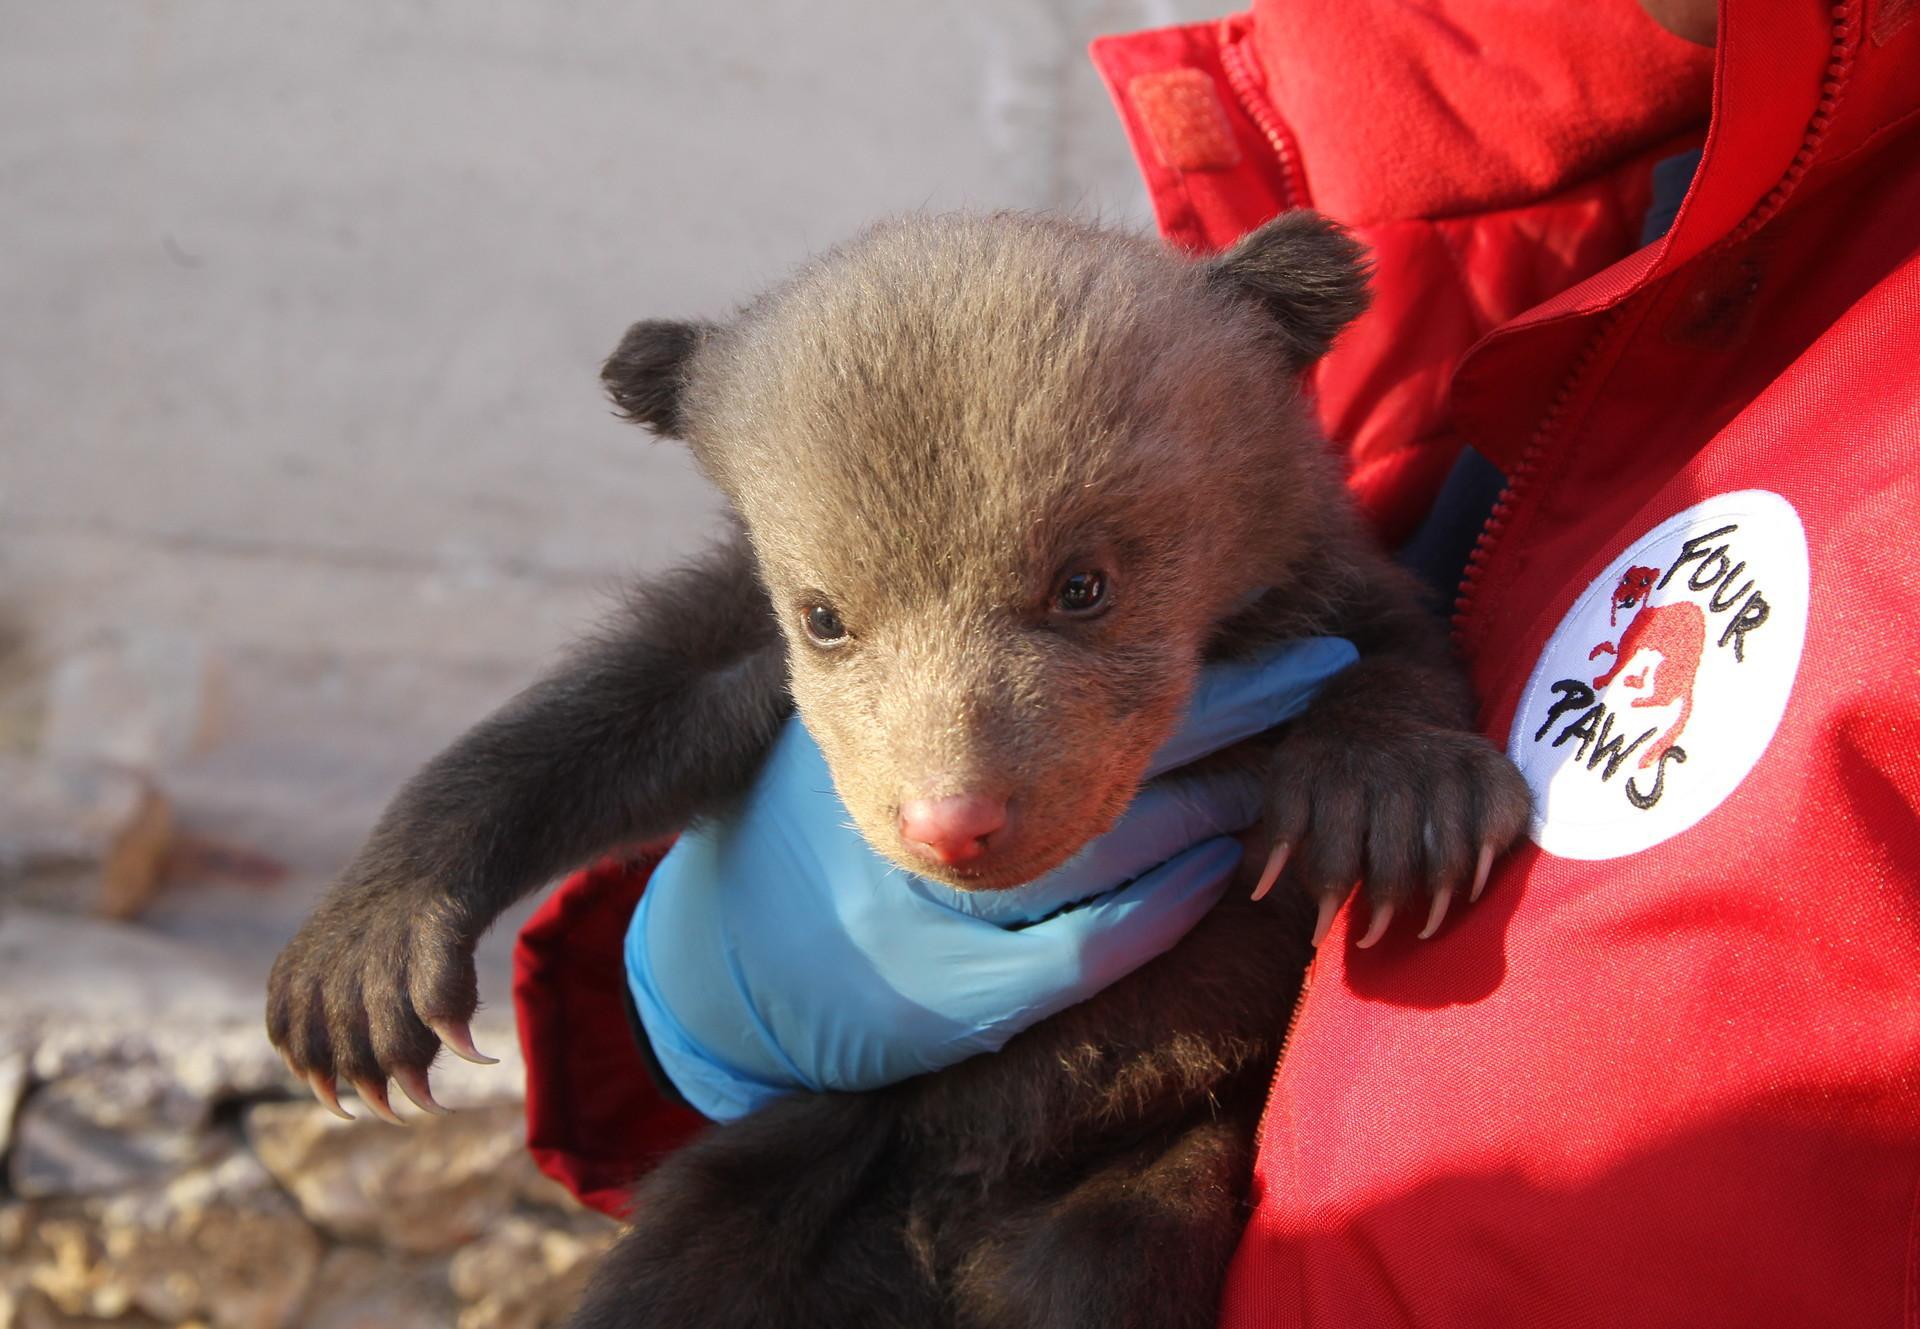 Bärenbaby wird auf der Strasse gefunden und gerettet